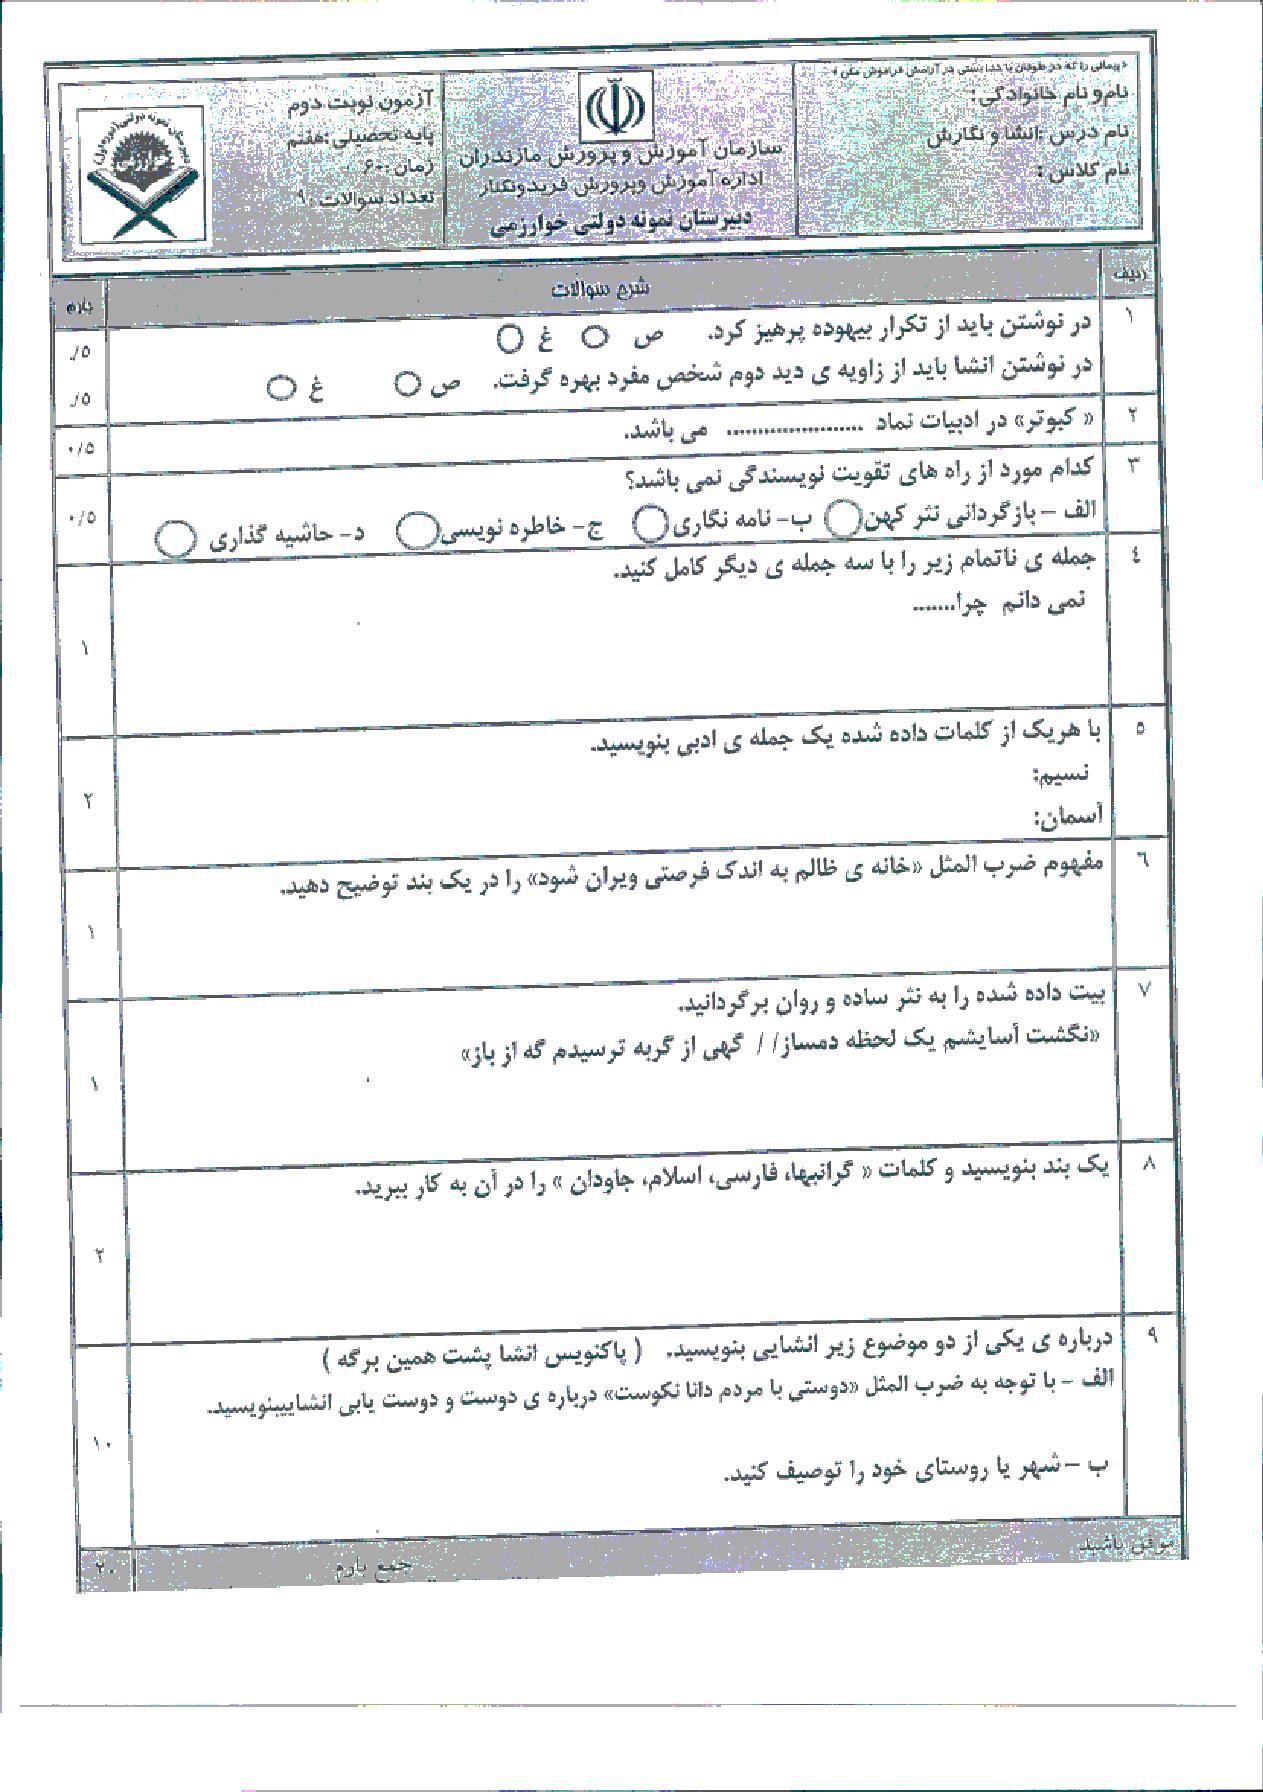 امتحان انشا و نگارش فارسی پایه هفتم | دبیرستان نمونه دولتی خوارزمی: خرداد 94